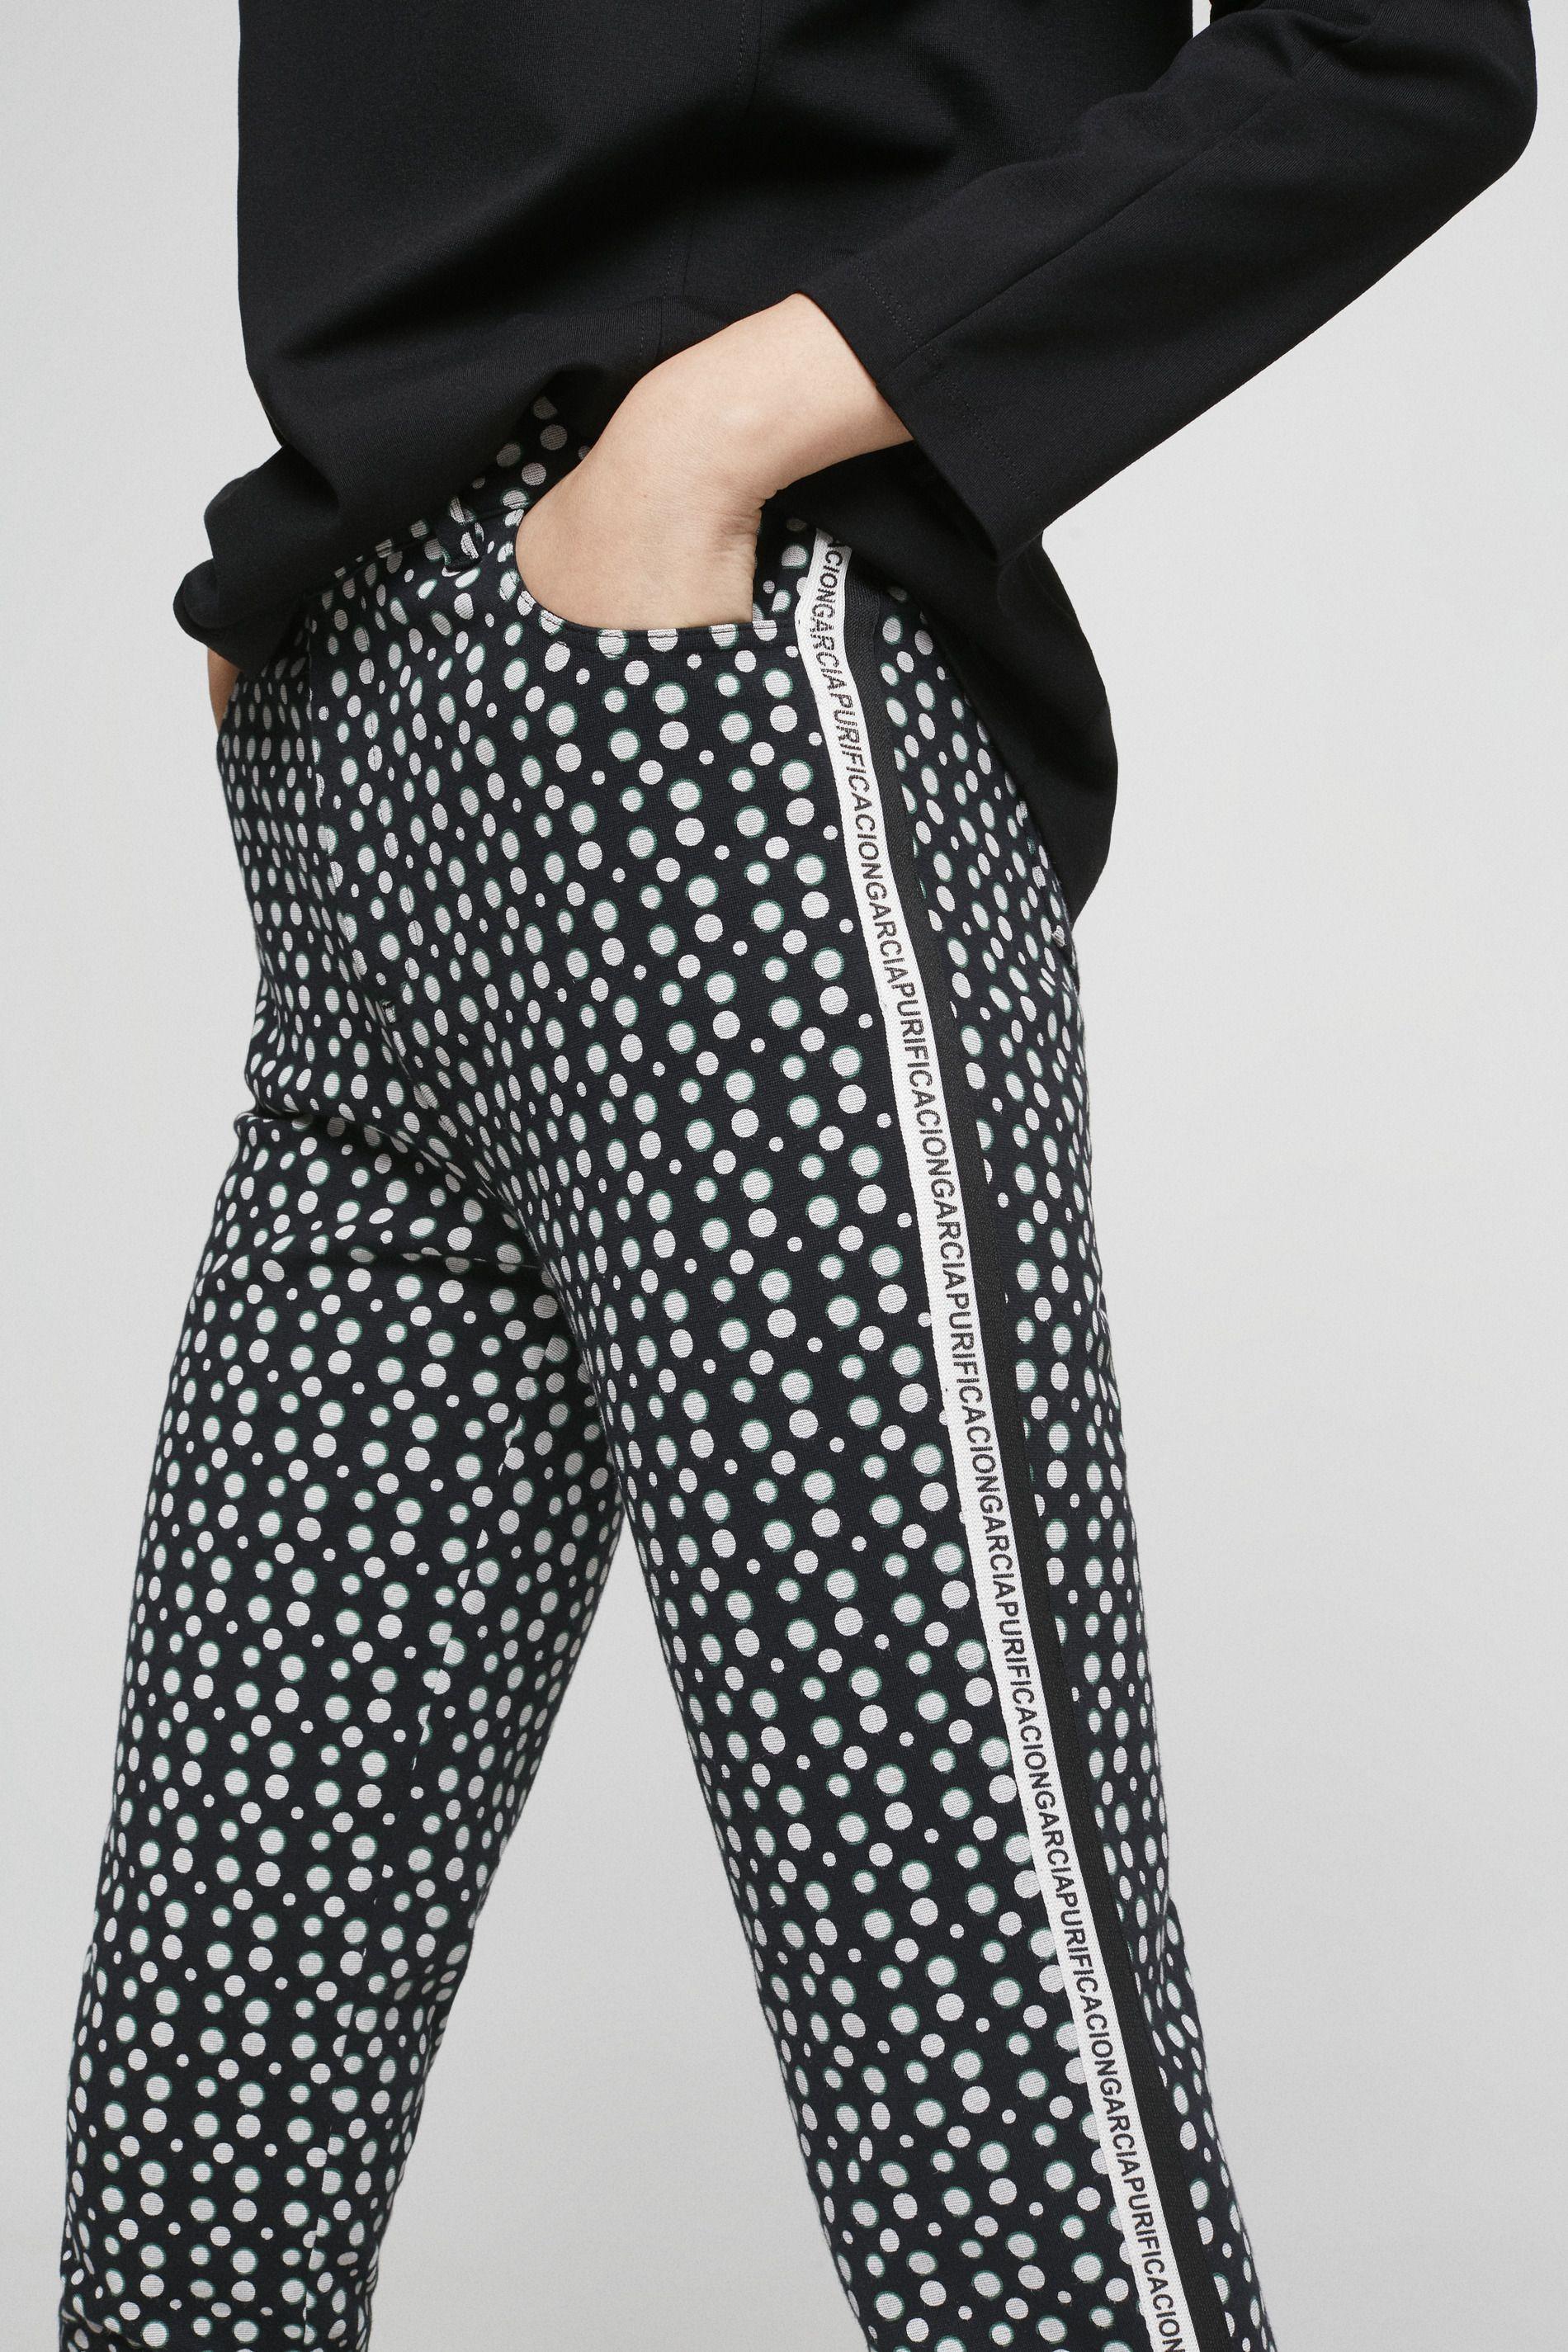 Pantalón Pitillo Cinta Lateral Pantalones Colección Mujer Purificación García Pantalón Pitillo Pitillos Pantalones